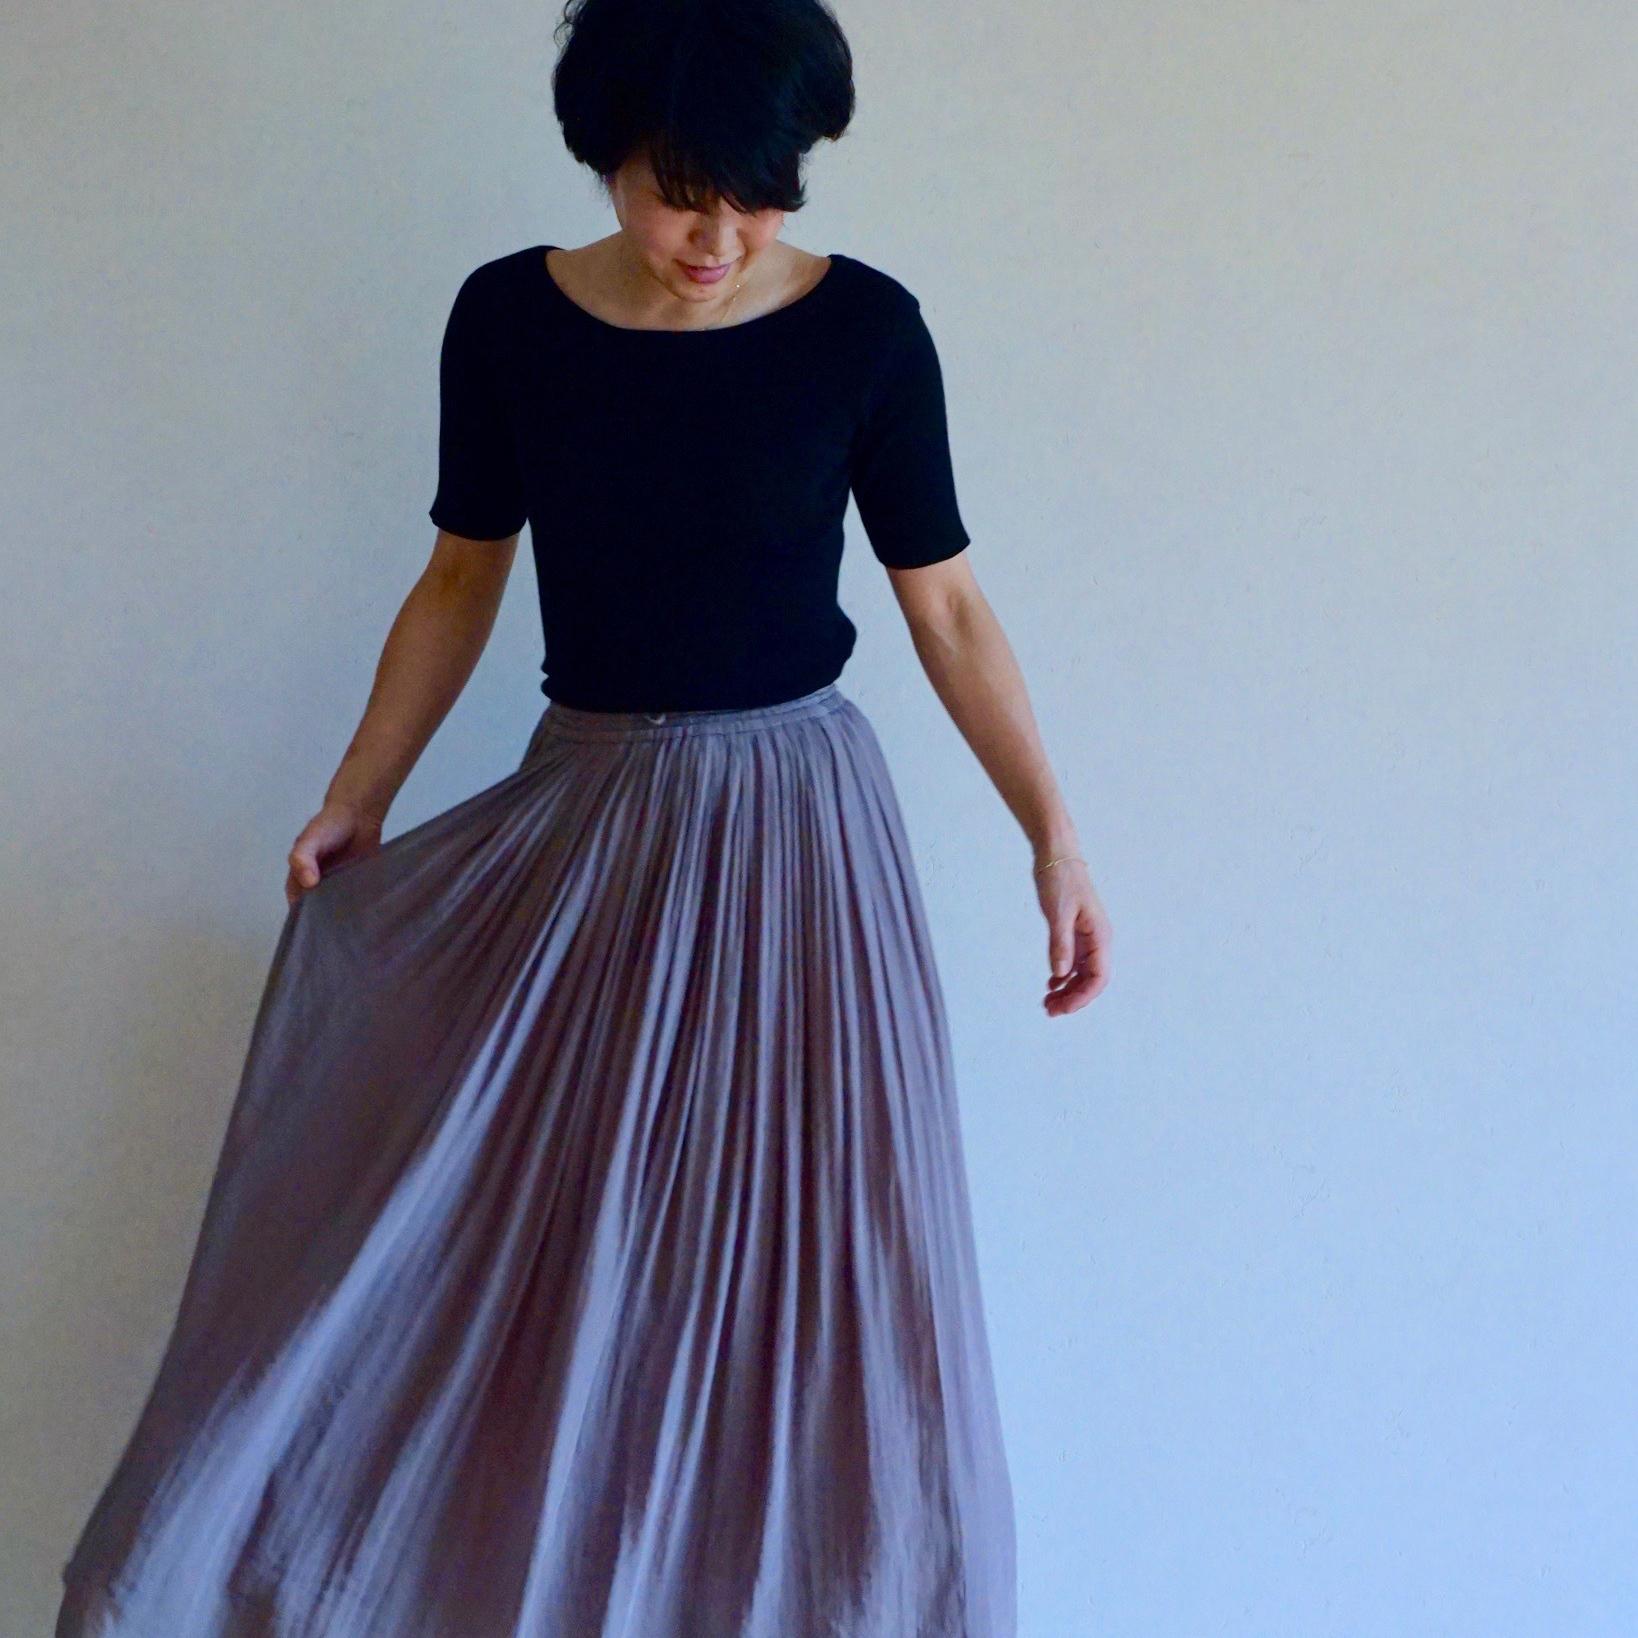 やっぱりスカートが大好き!プチプラから1点ものまでお気に入りの1枚【マリソル美女組ブログPICK UP】_1_1-1